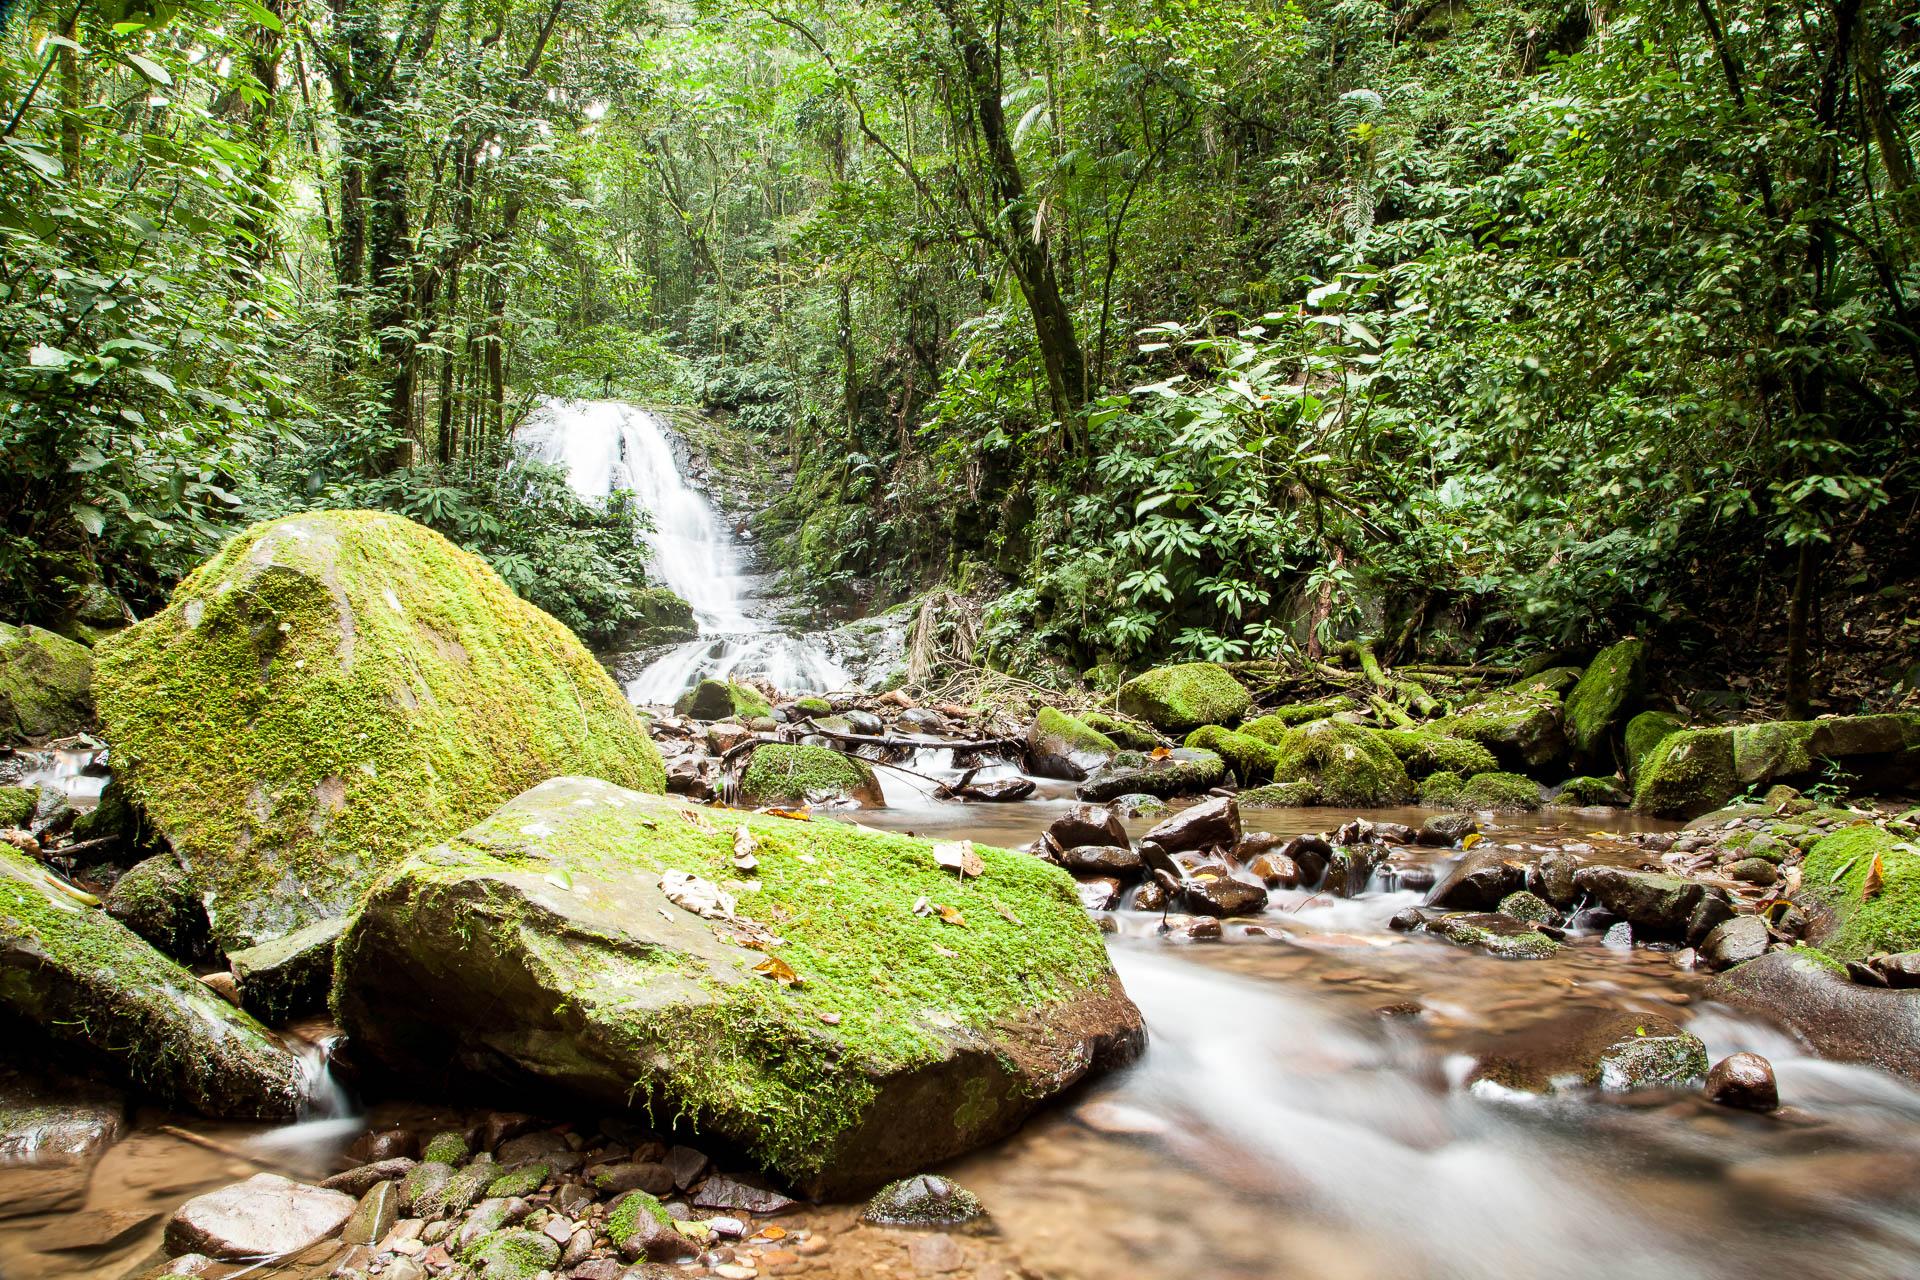 Riacho no Parque Ecológico Spitzkopf, em Blumenau - Santa Catarina - Brasil